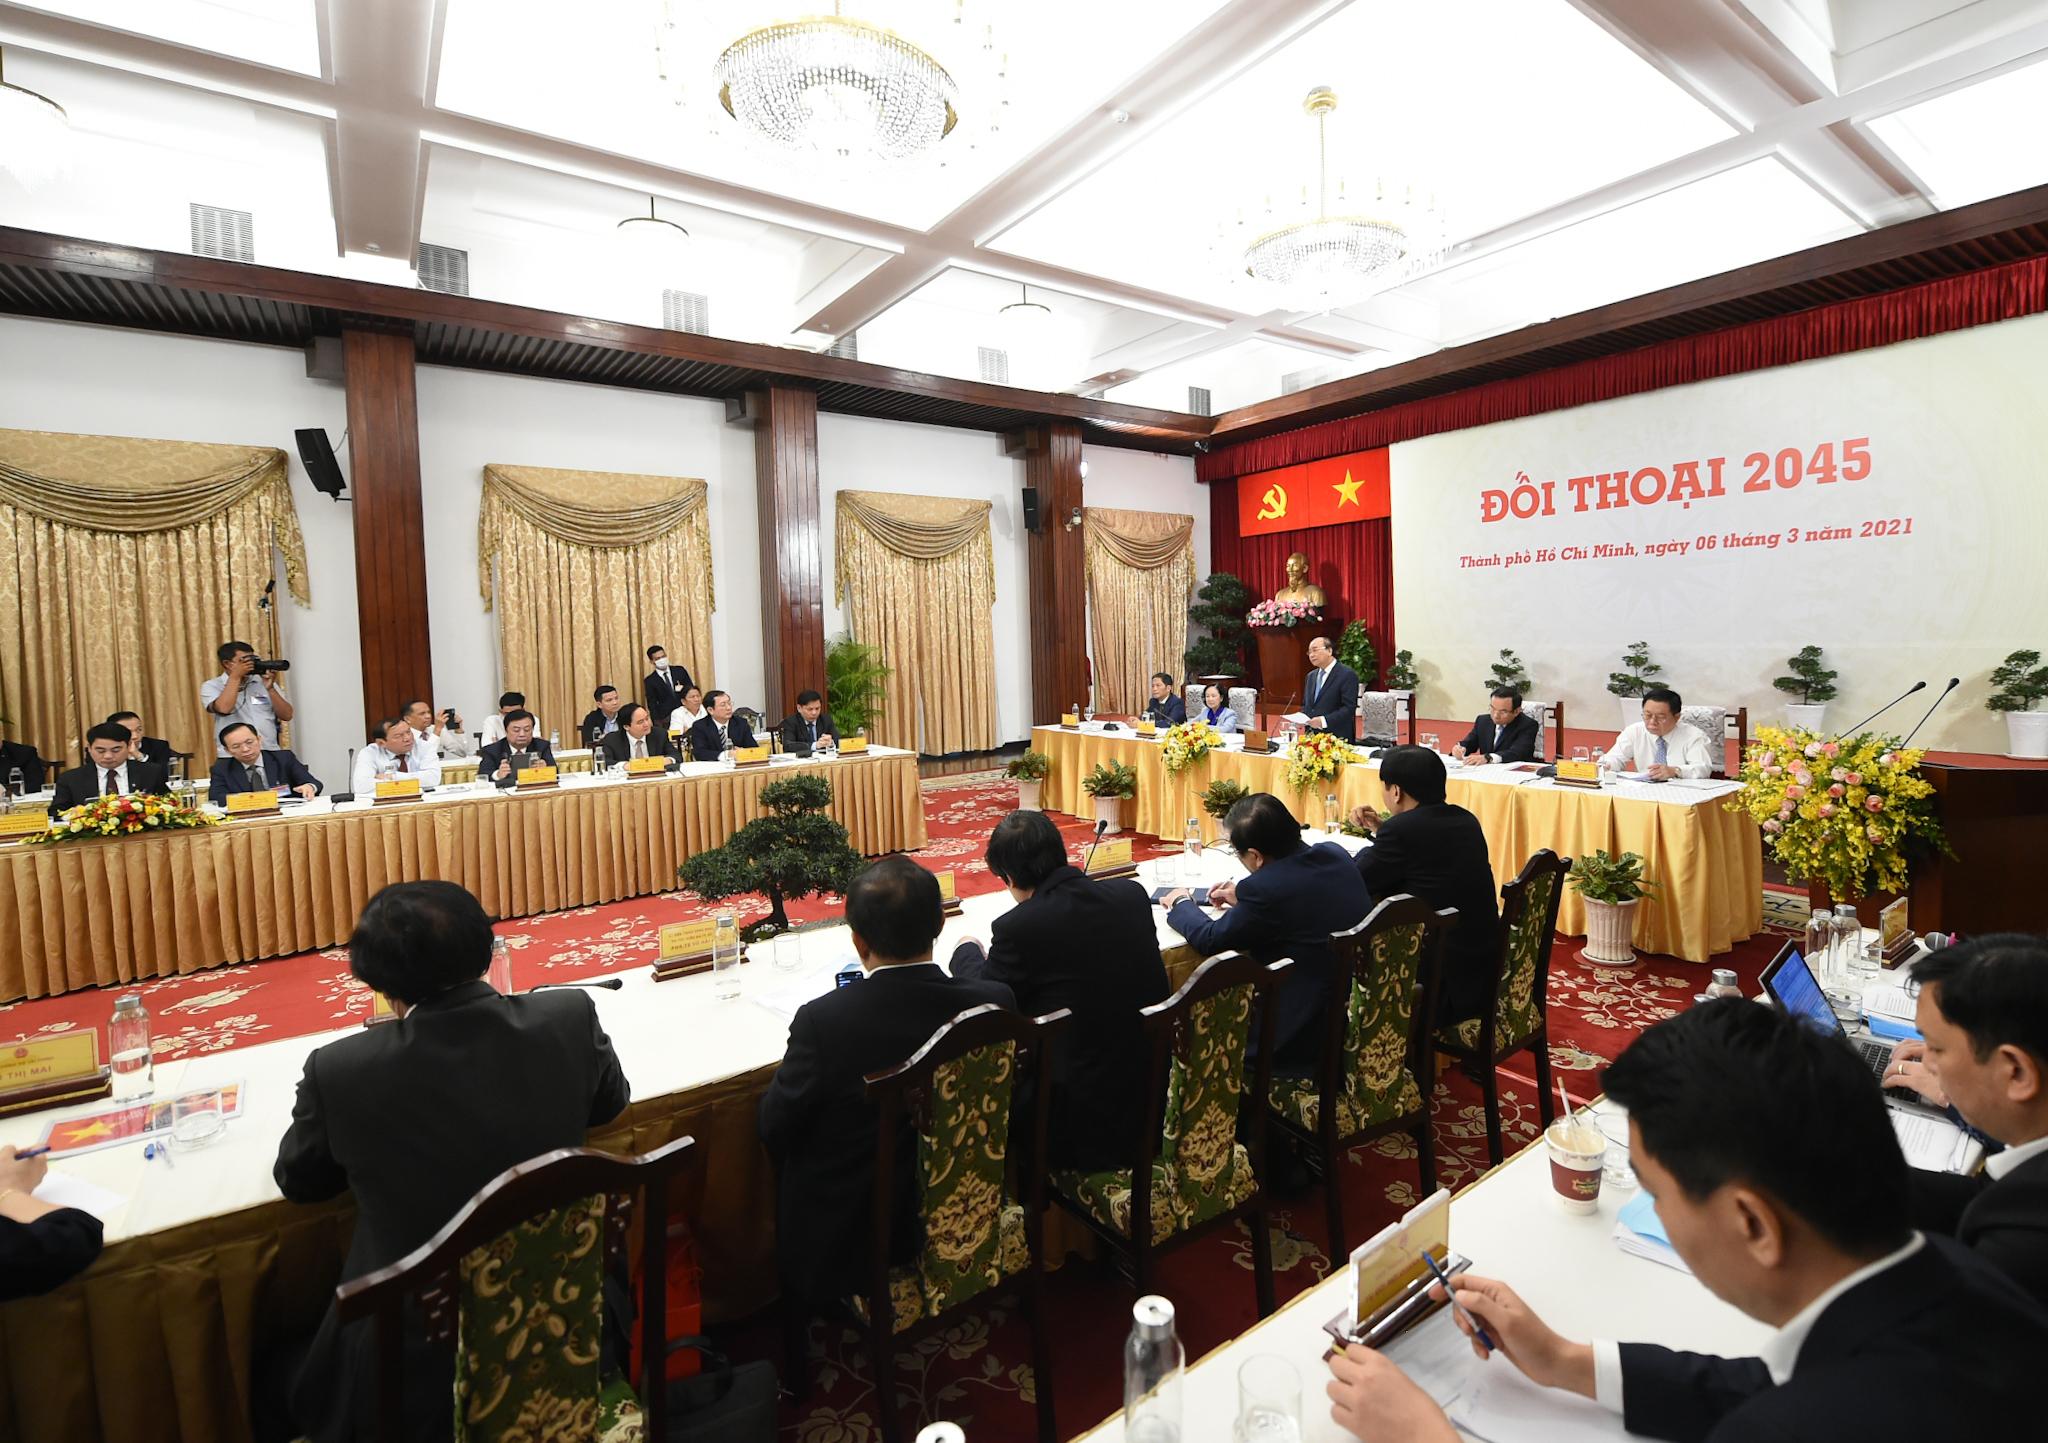 Thủ tướng: Đến 2045, sẽ xuất hiện các tập đoàn khổng lồ mang tên Việt Nam - Ảnh 2